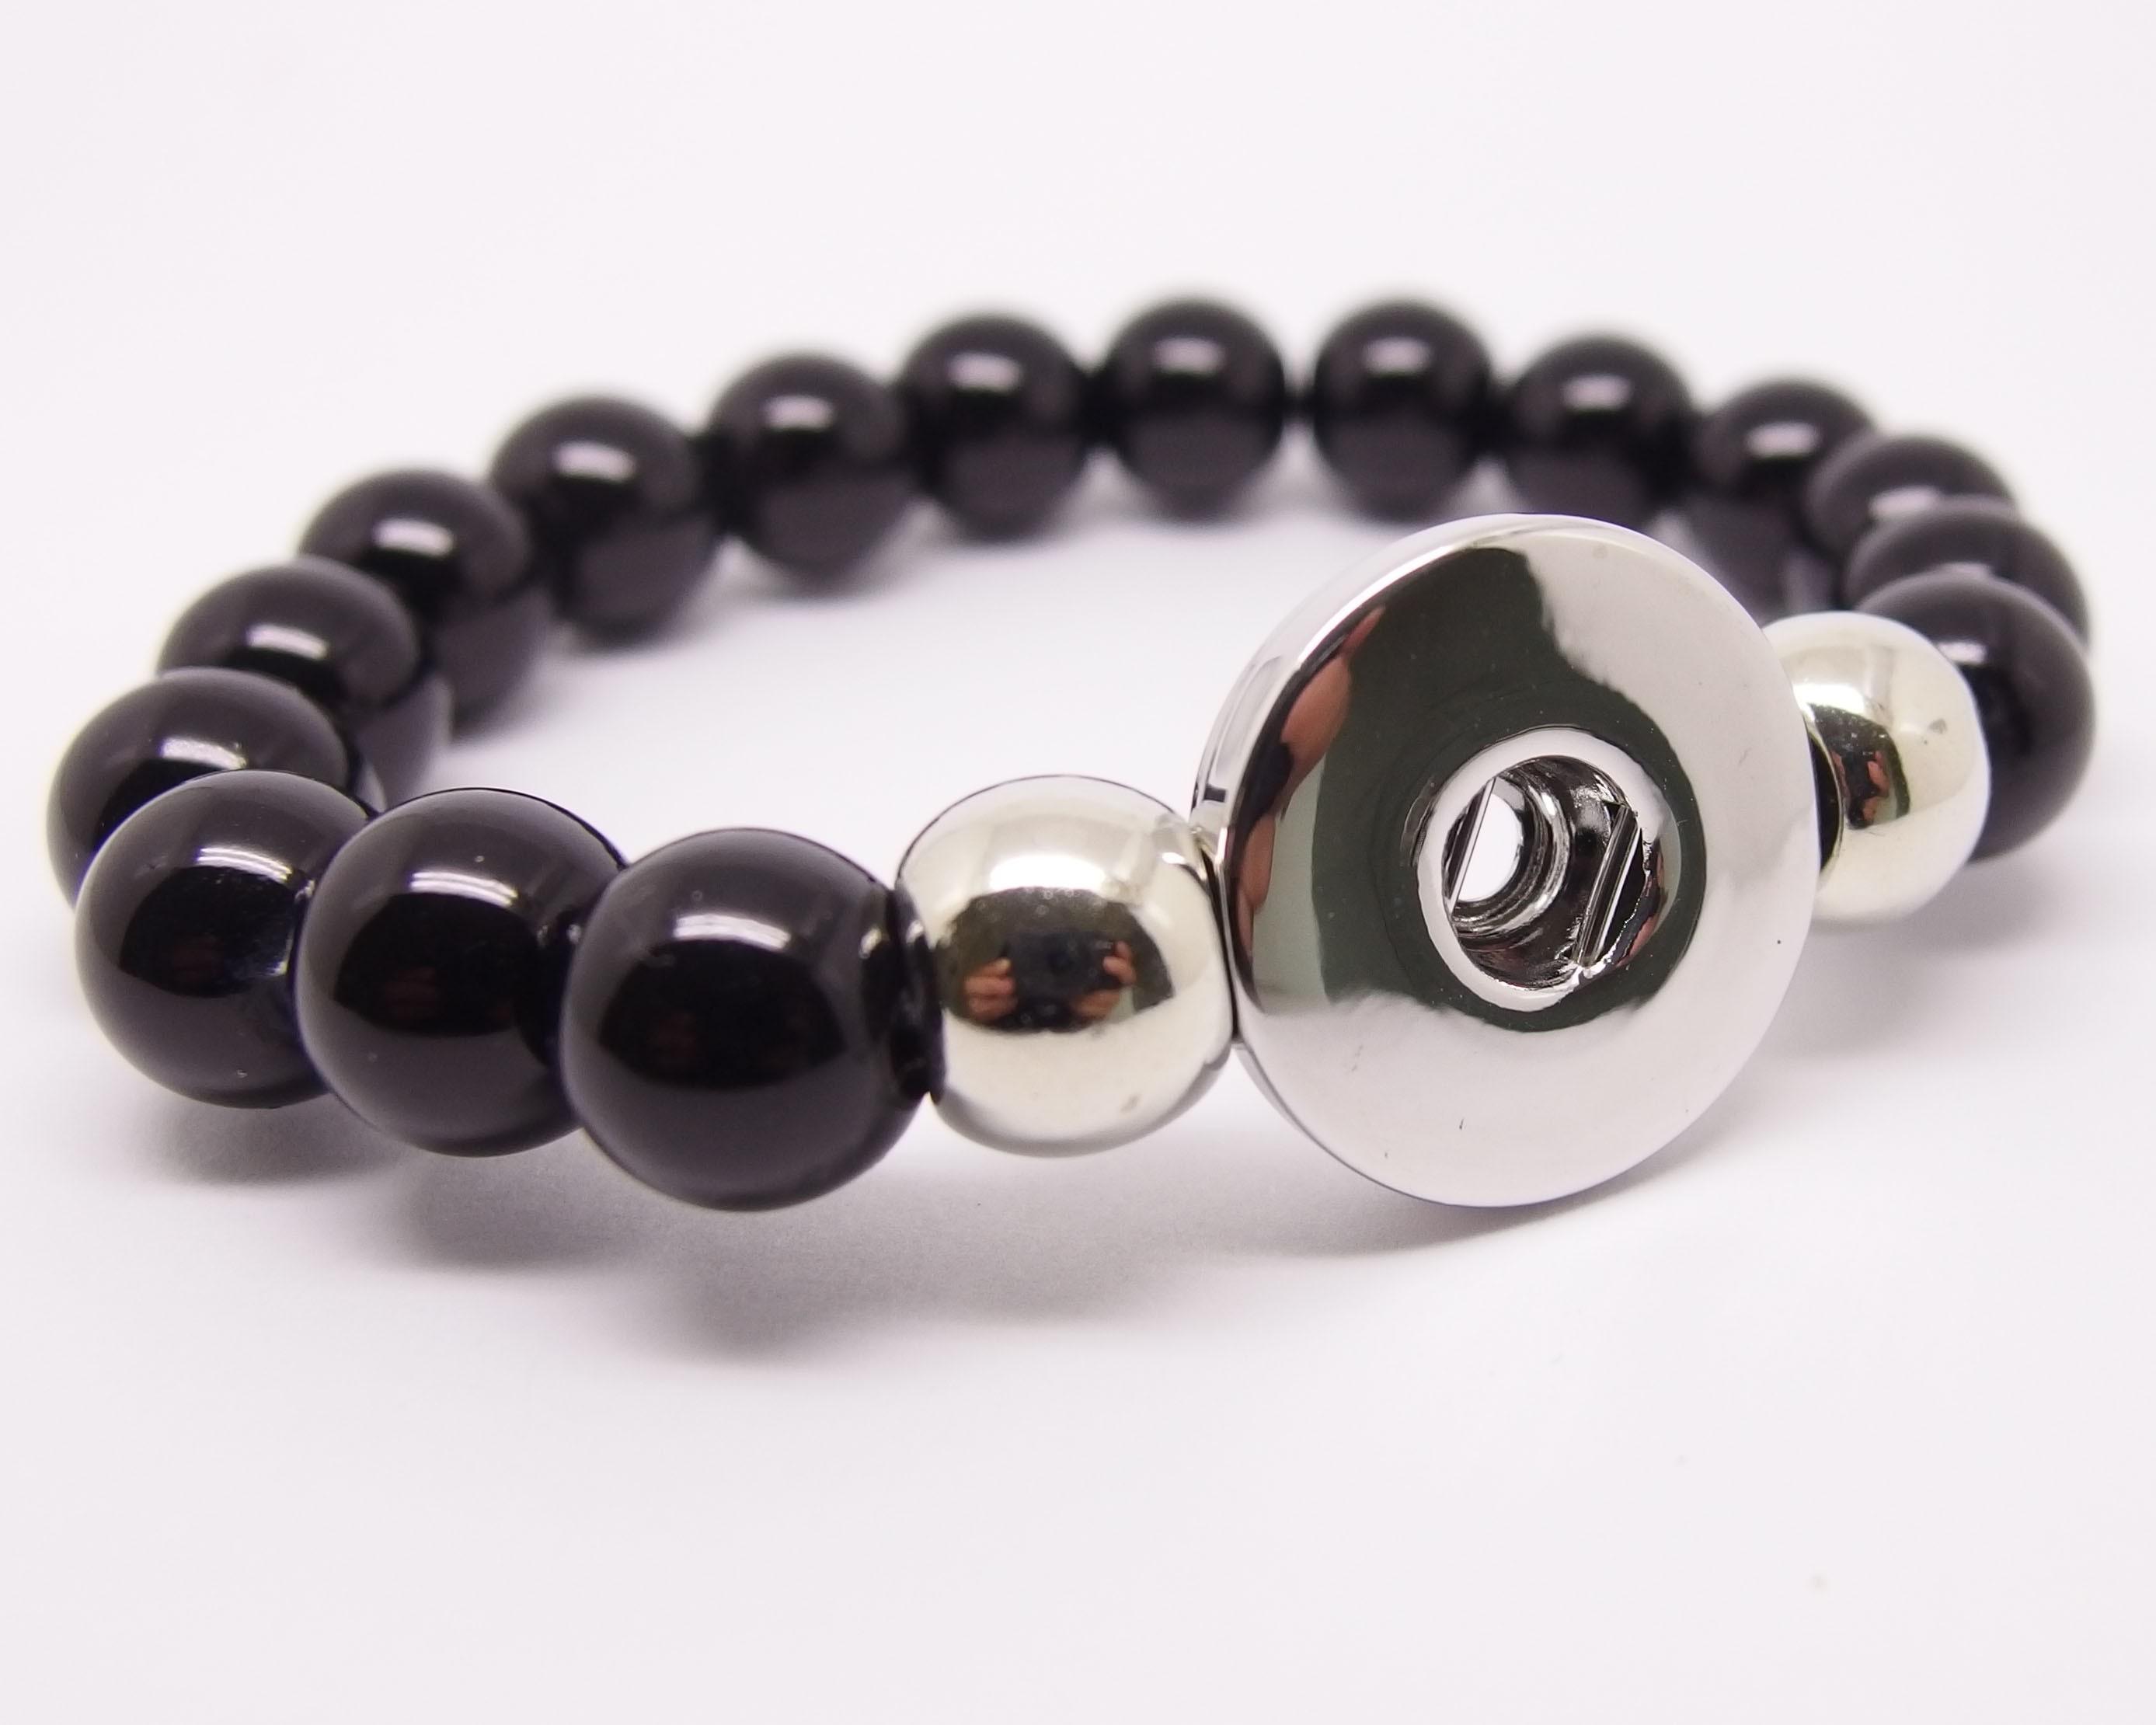 CHA003 - Armbänder für Schmuck Druckknöpfe Perlen schwarz